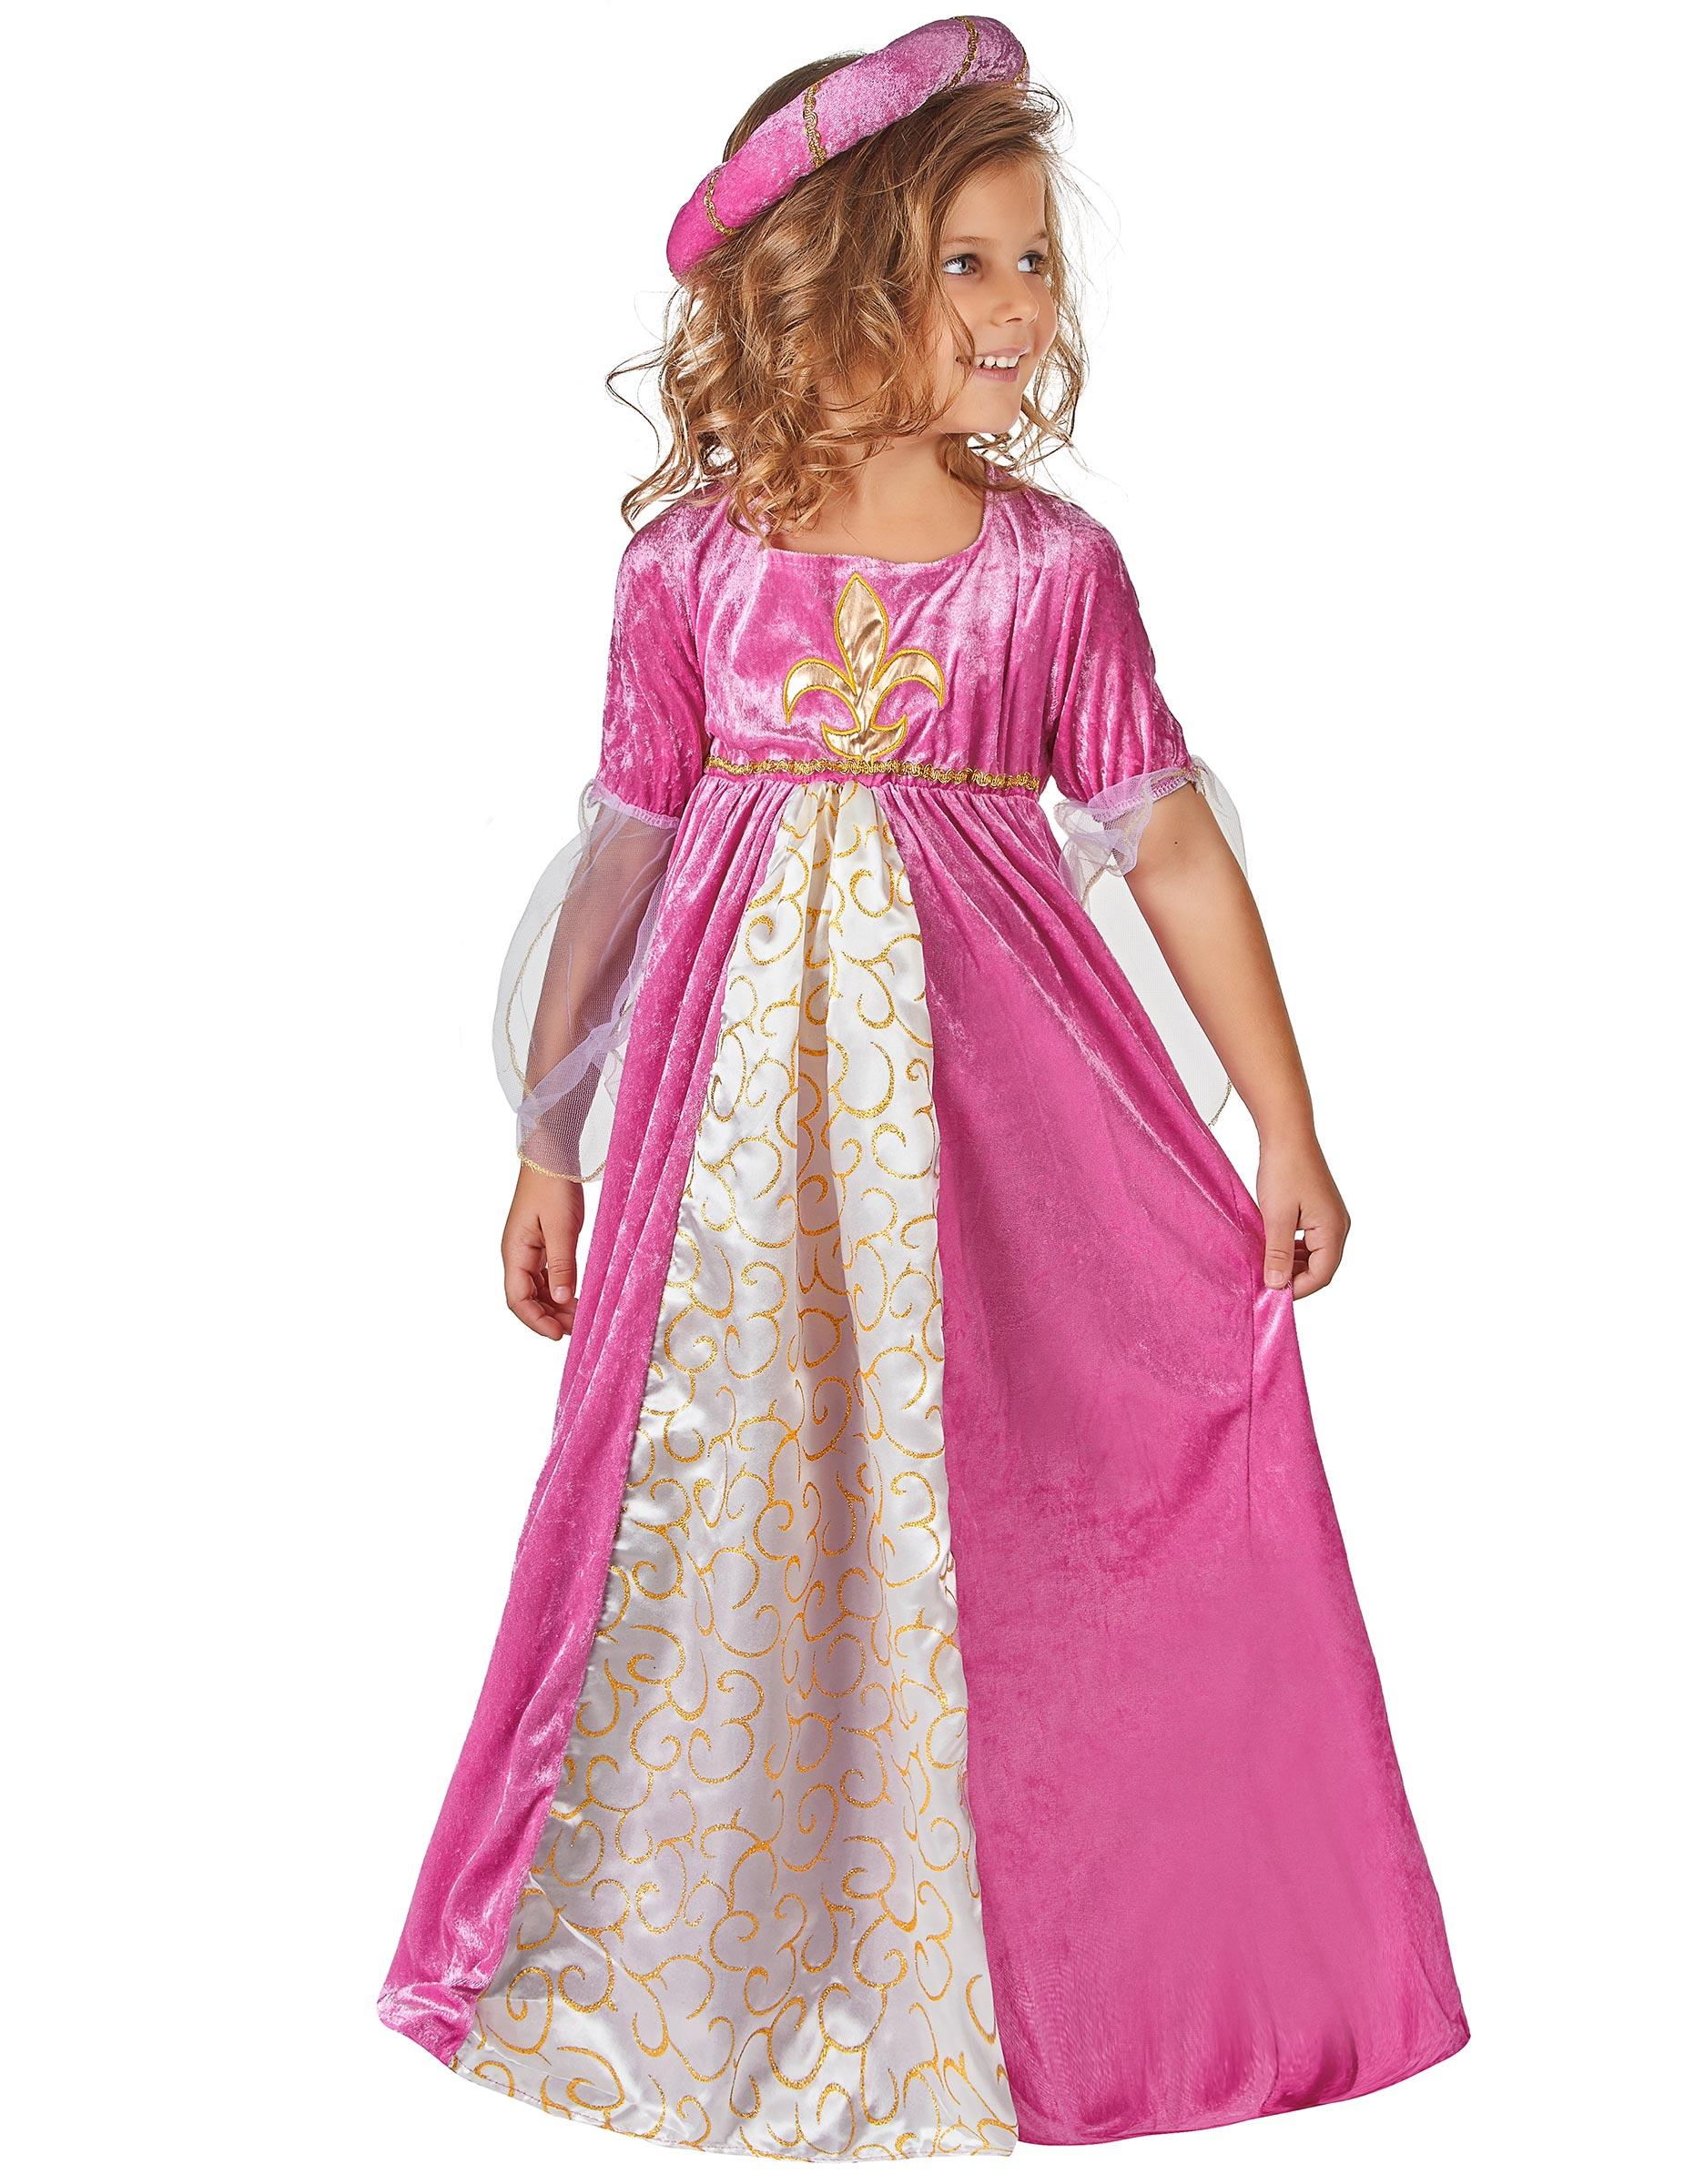 7125b225d061 Costumi da Arlecchino e grandi classici per bambini - Vegaoo.it